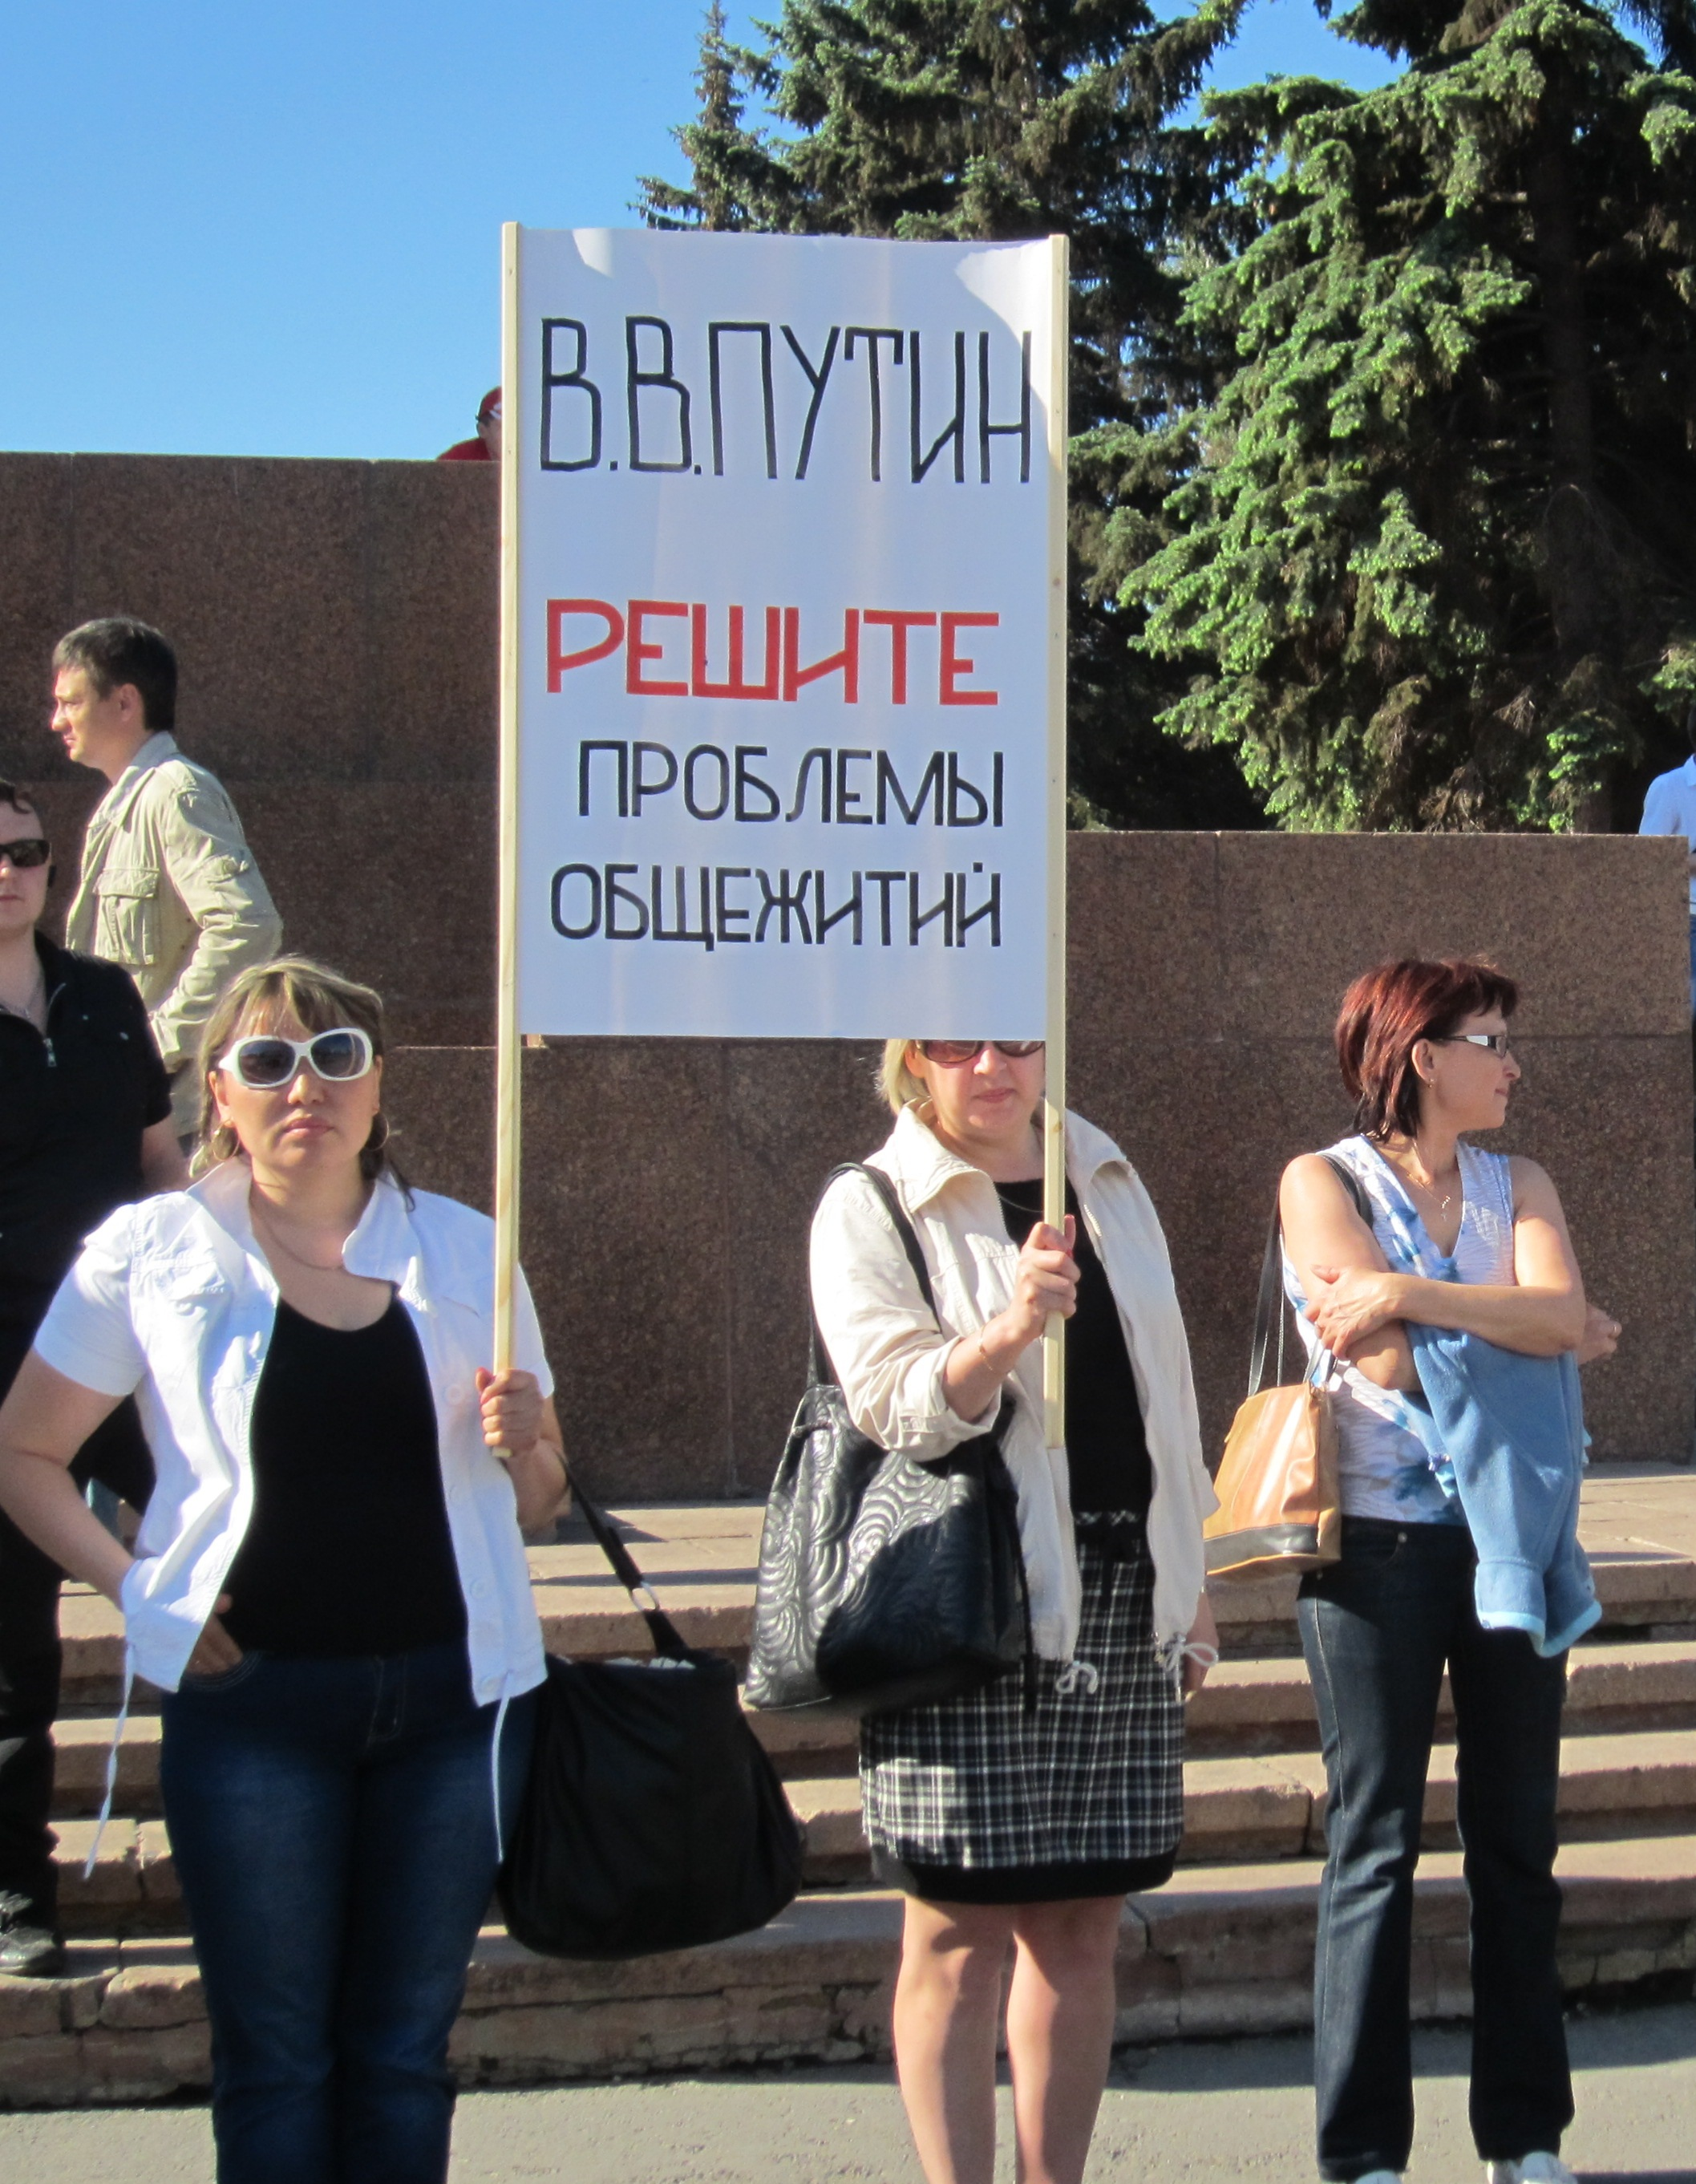 Как сообщает прокуратура Челябинской области, в ходе проверки выявлено, что указанное здание нахо